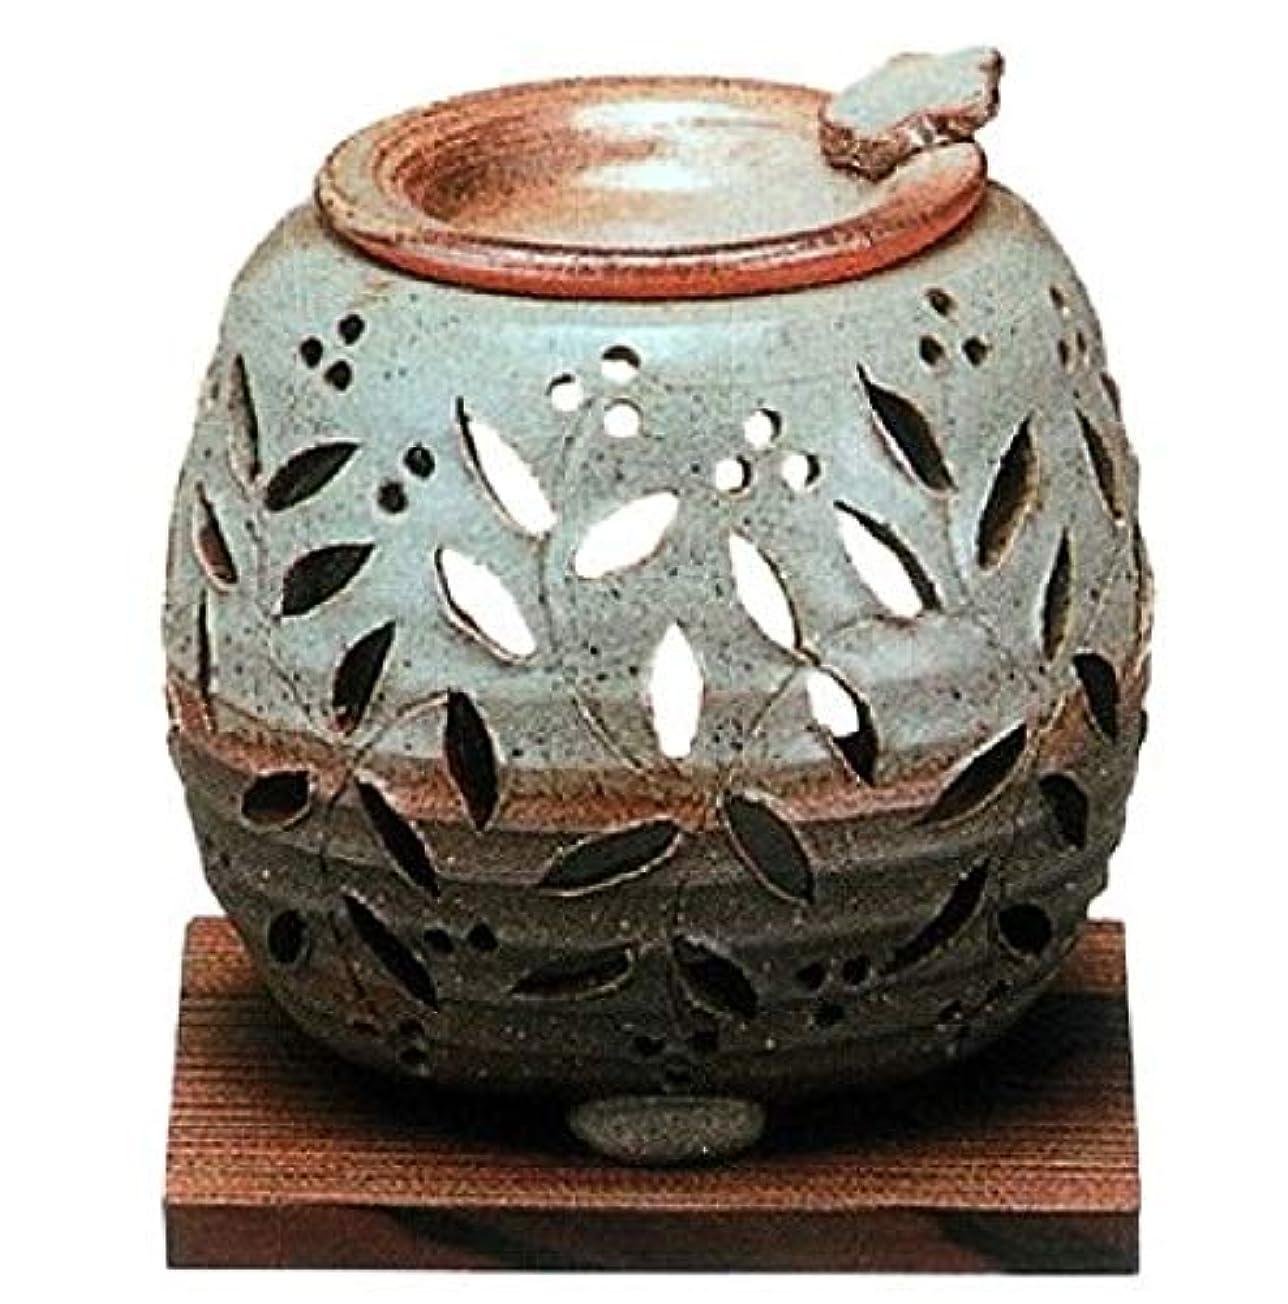 接触要求する肉常滑焼 3-829 石龍緑灰釉花透かし彫り茶香炉 石龍φ11×H11㎝